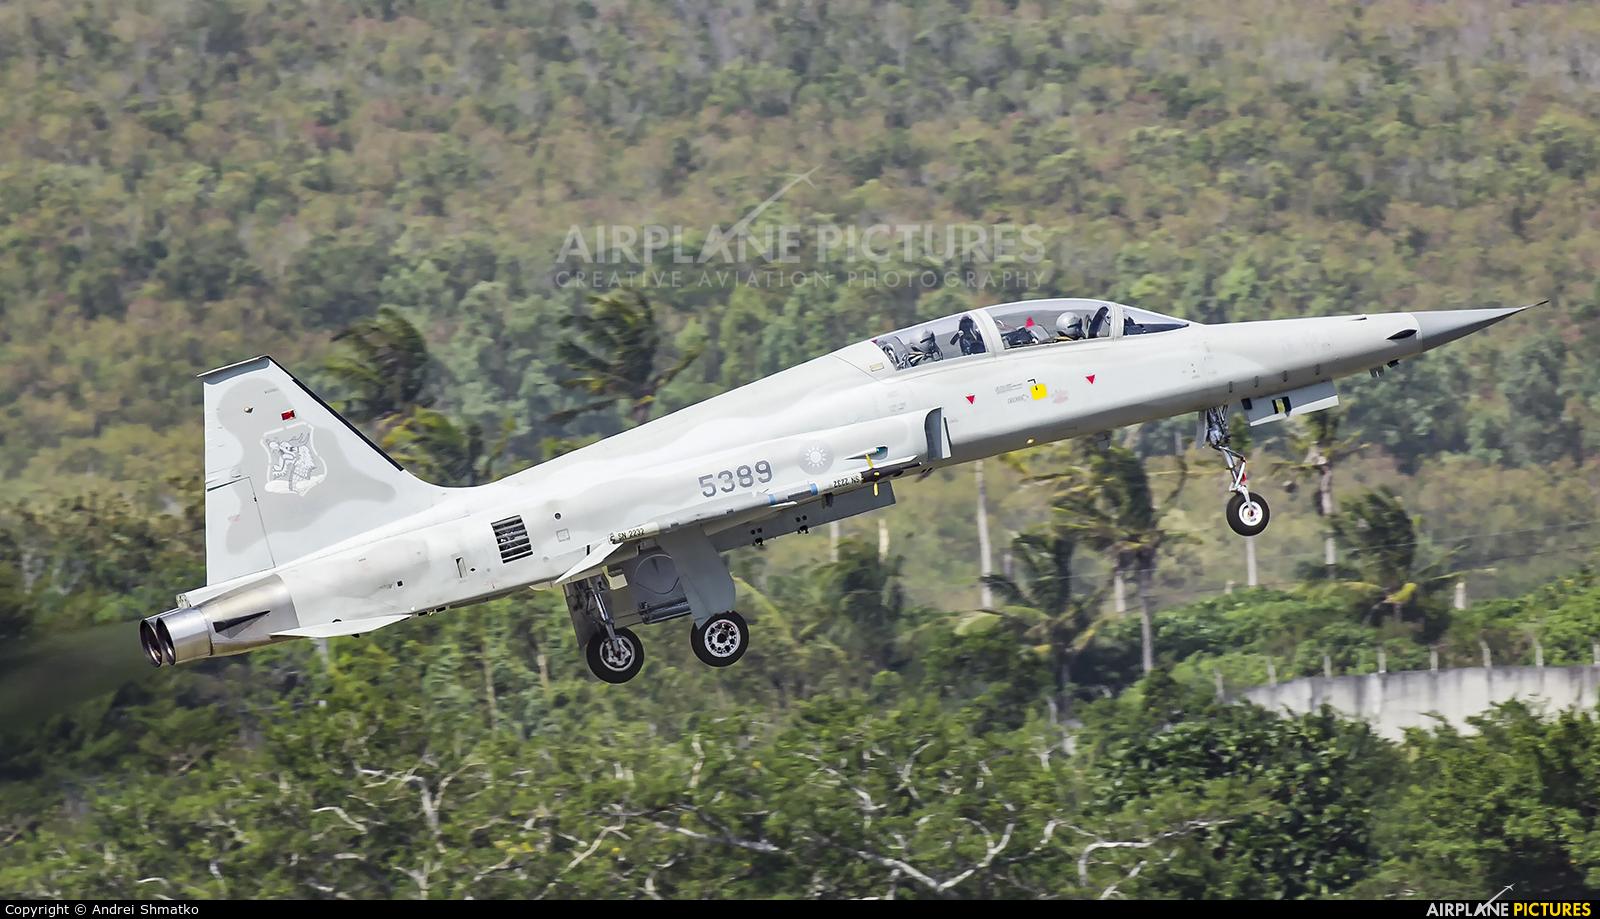 Taiwan - Air Force 83-00115 aircraft at Chihhang/Zhihang AB